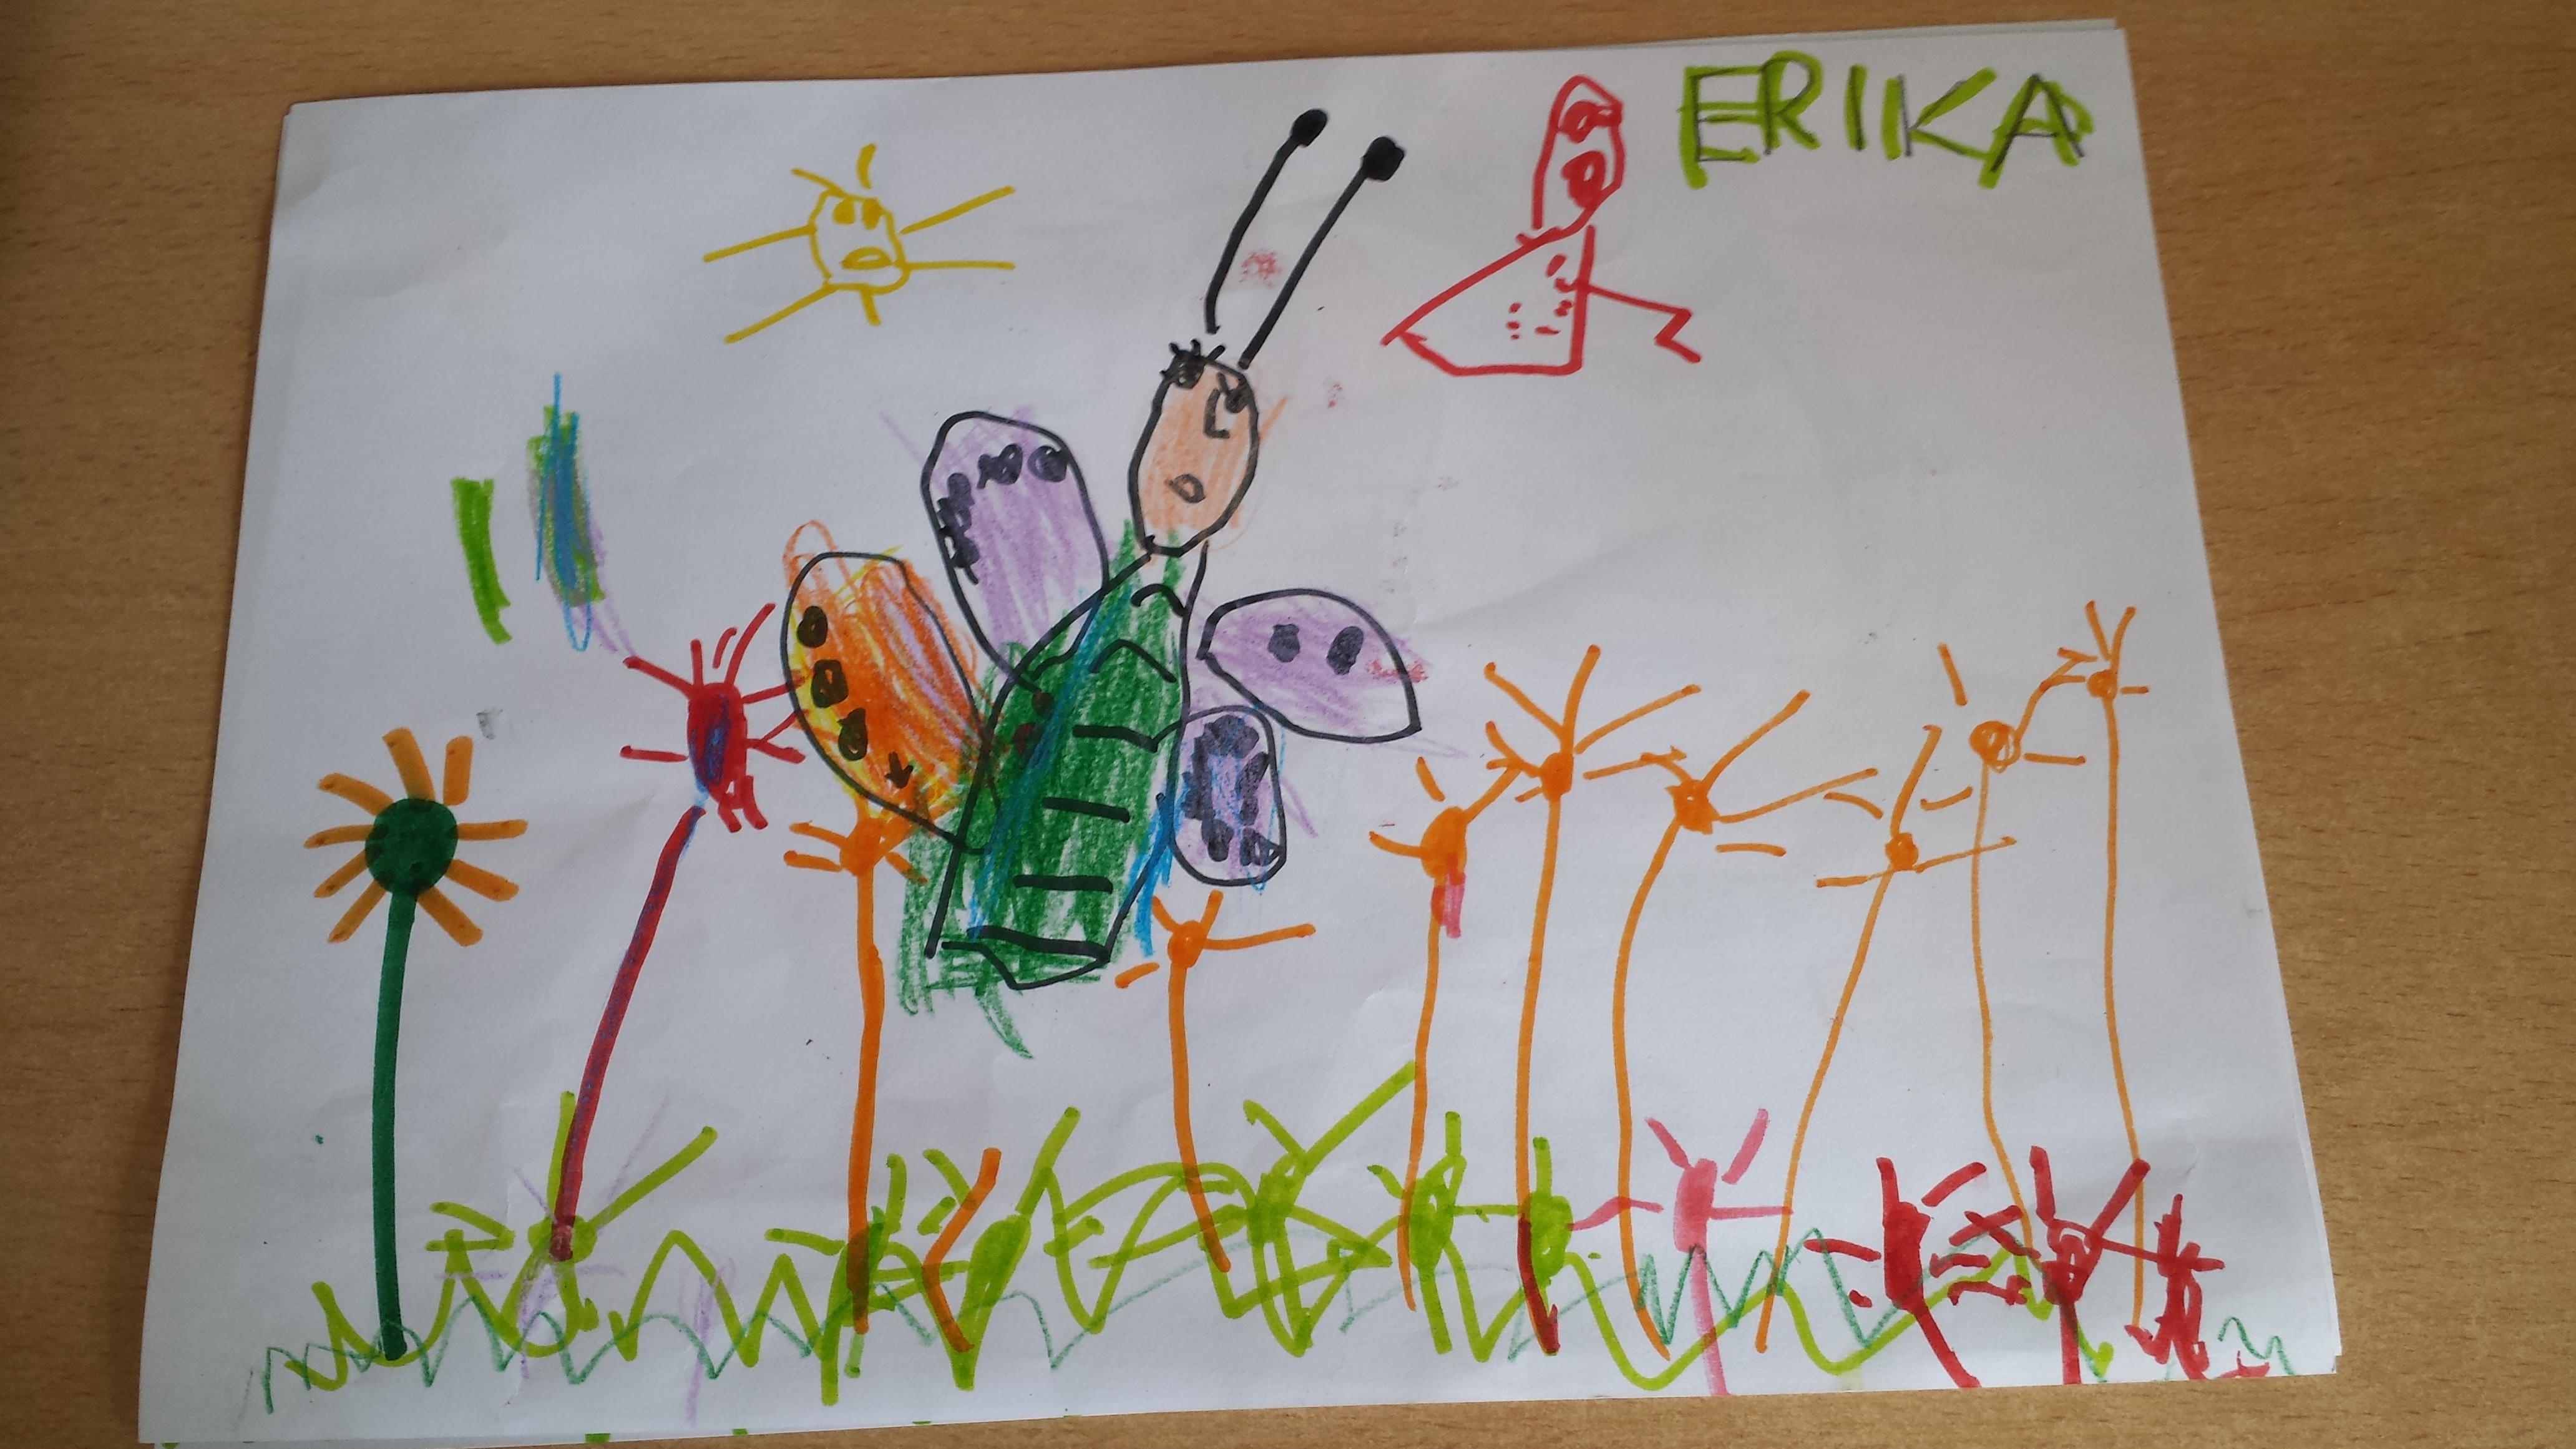 Dibujos De Mariposas Infantiles A Color: Dibujos Infantiles De Mariposas